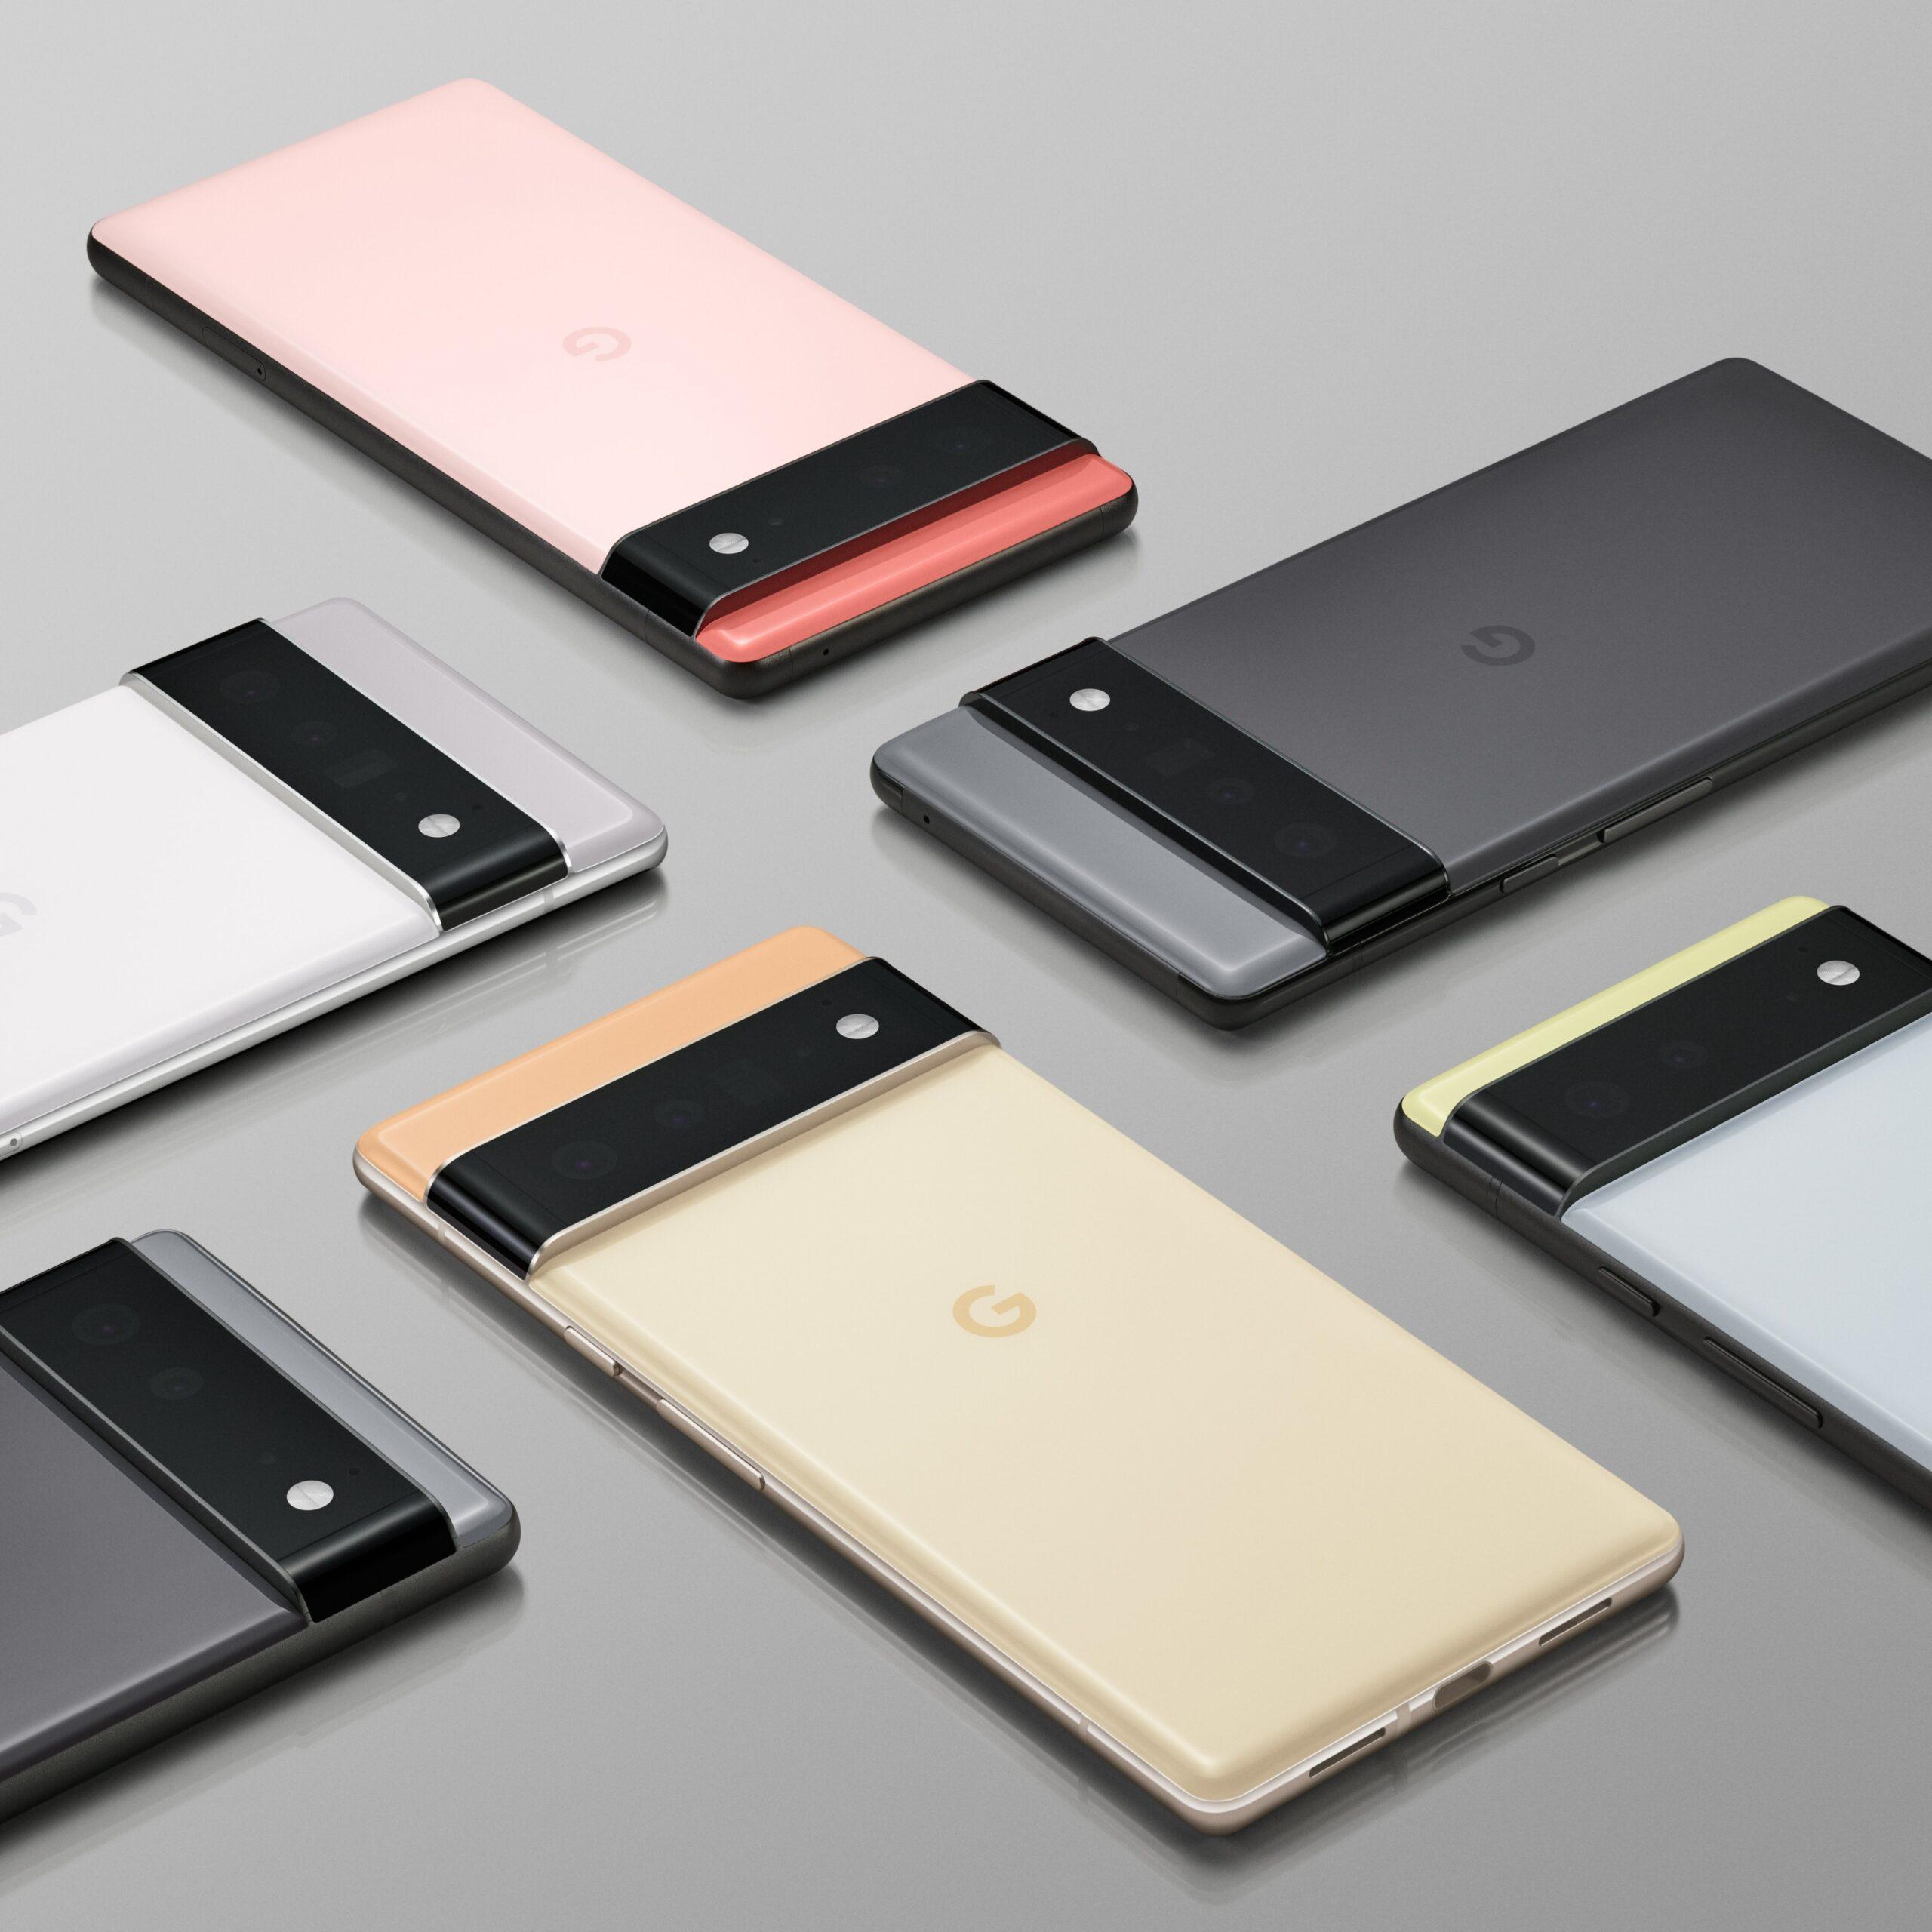 Смартфоны серии Google Pixel 6 будут запущены 13 сентября